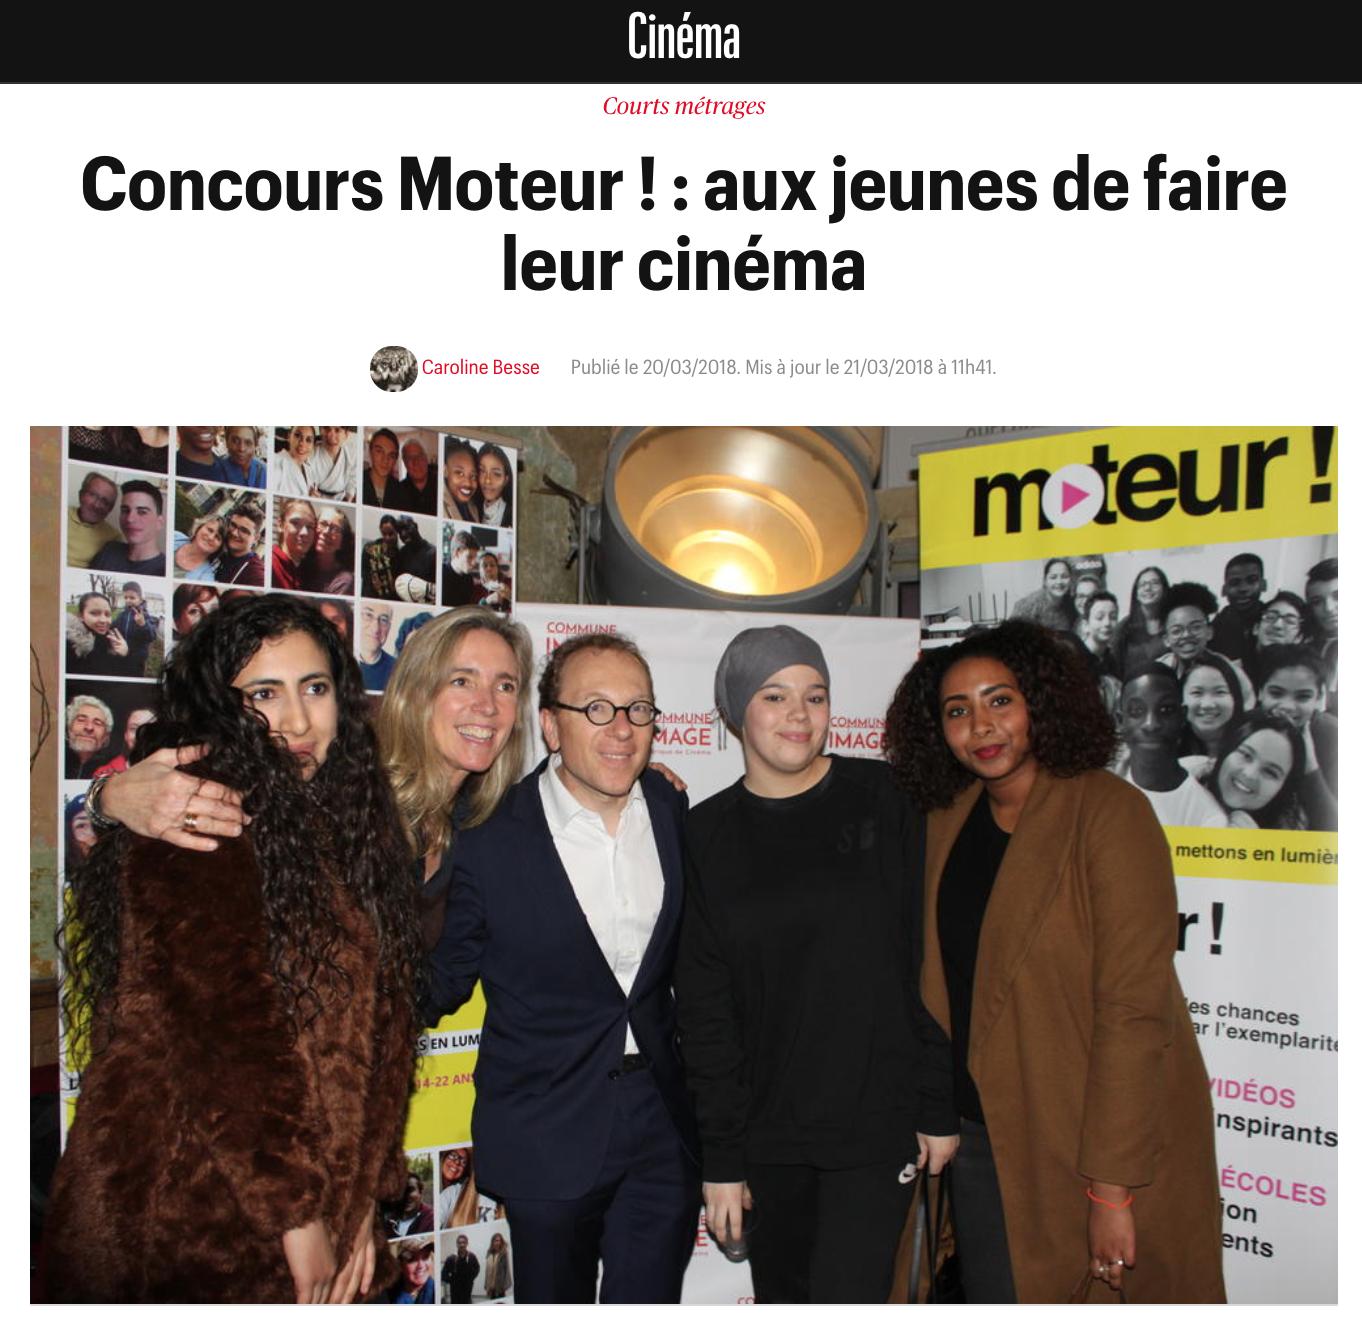 http://www.telerama.fr/cinema/concours-moteur-aux-jeunes-de-faire-leur-cinema,n5529820.php